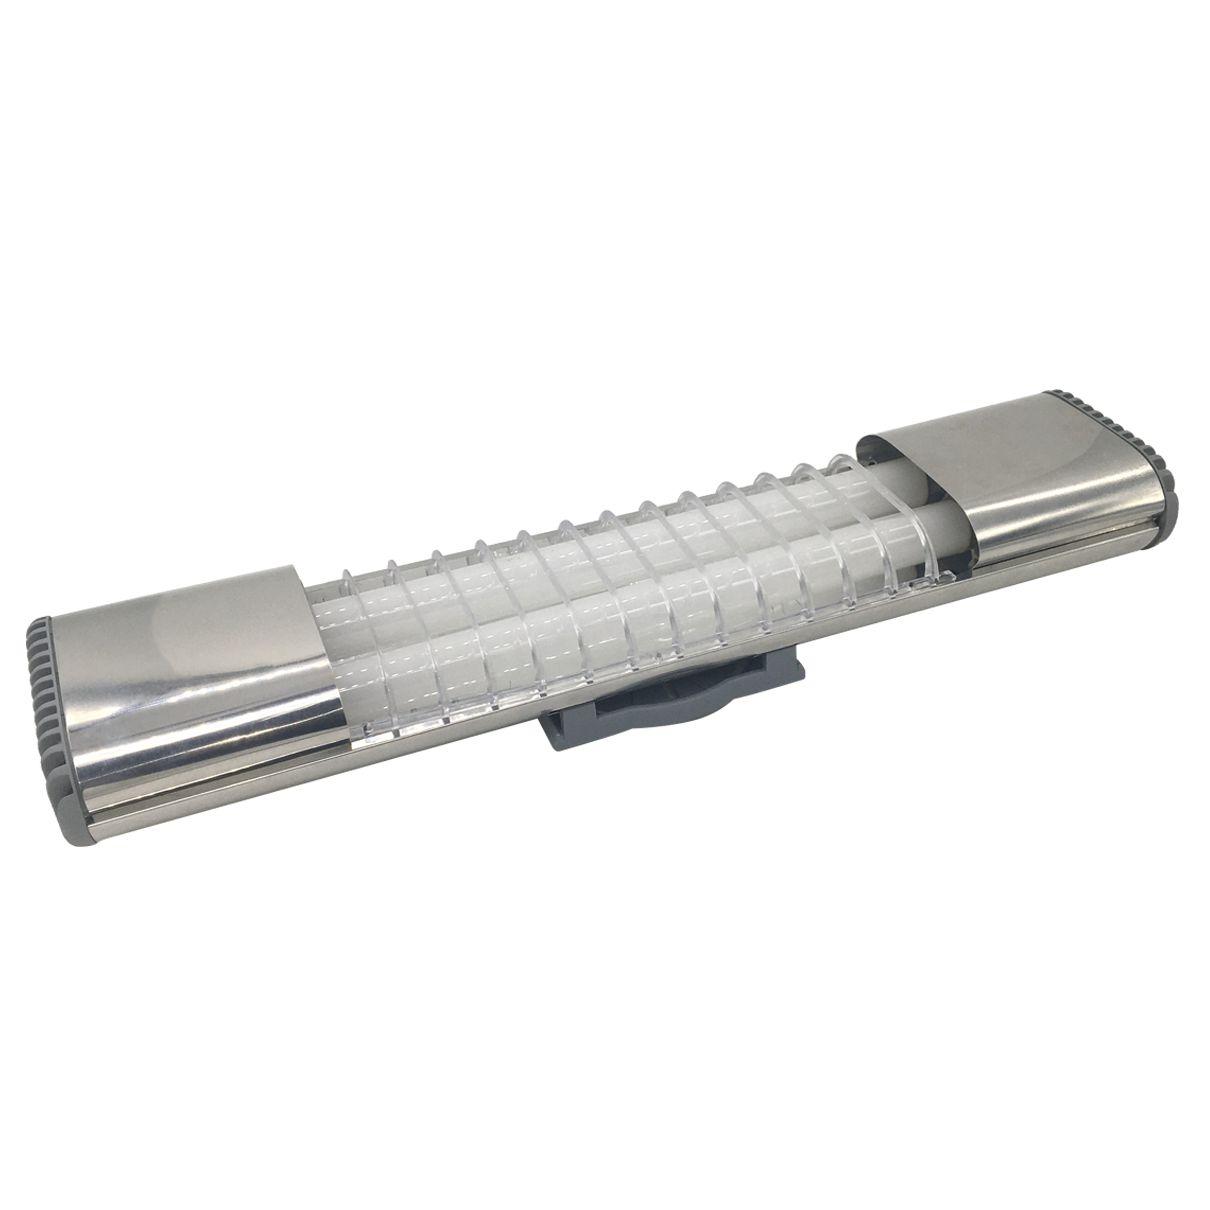 Luminária de teto Inox Sobrepor 2x10W Lâmpada T8 Tubular- (Bivolt)